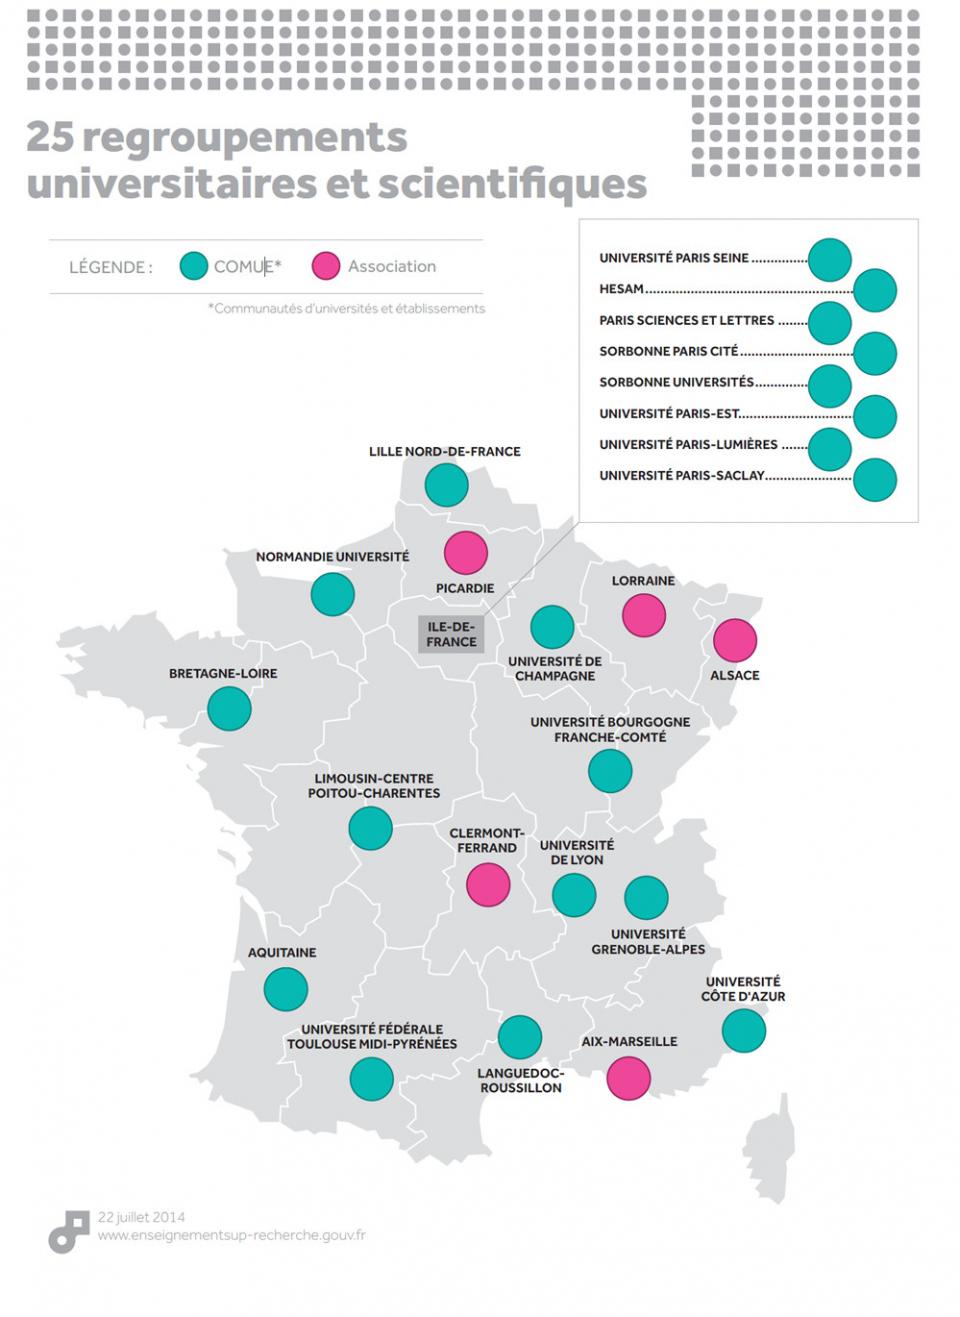 Infographie sur l'état des lieux du regroupement des universités au 22 juillet 2014 - voir en plus grand